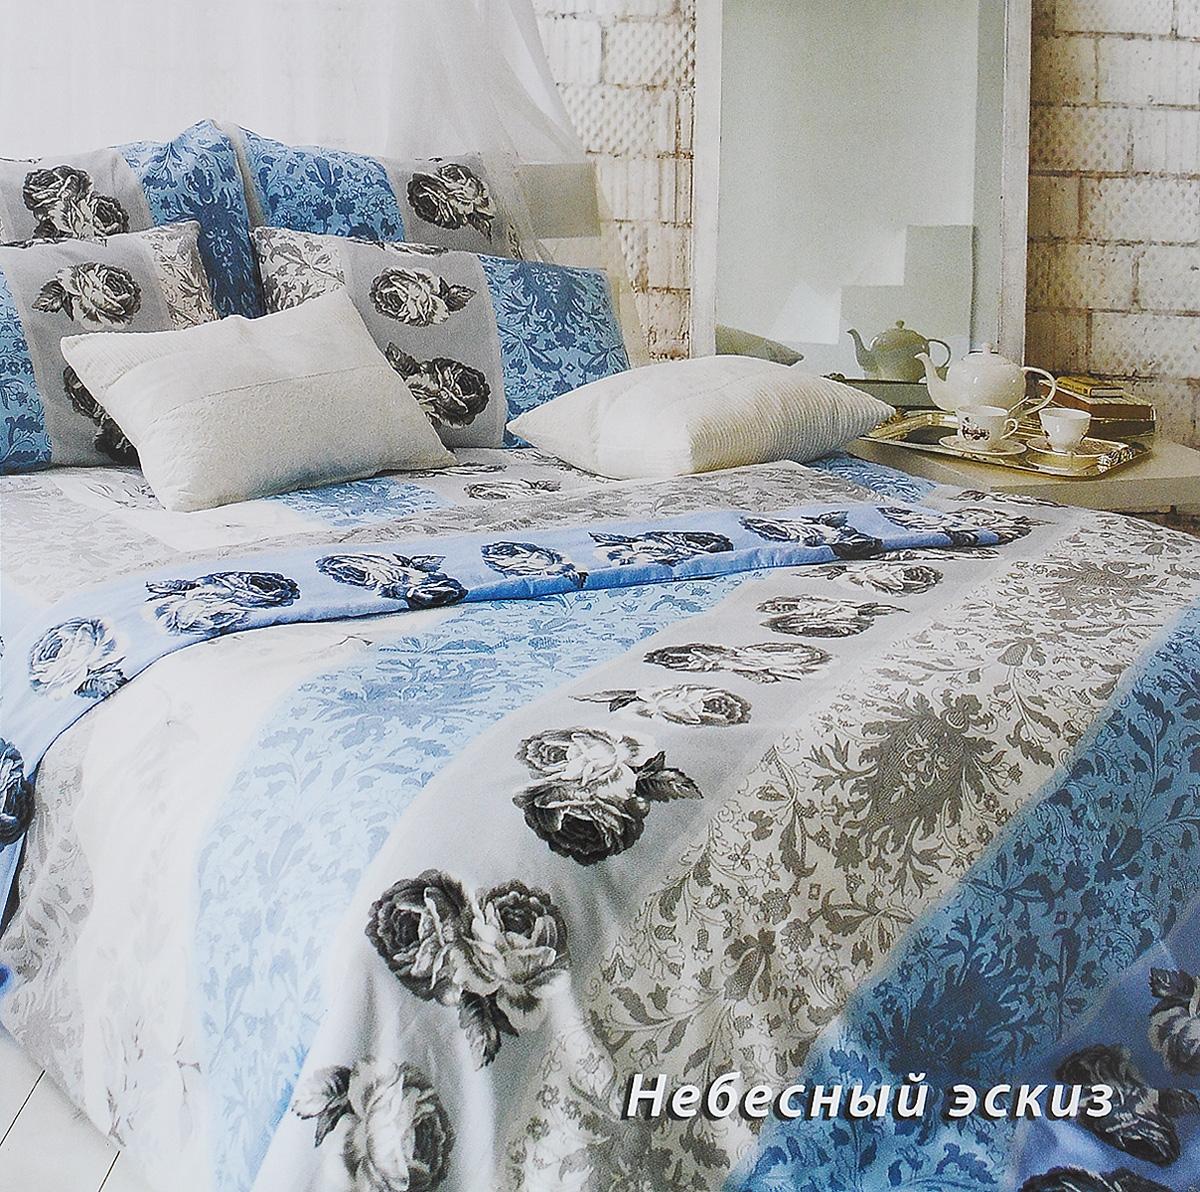 Комплект белья Tiffanys Secret Небесный эскиз, евро, наволочки 70х70, цвет: голубой, белый, серыйCLP446Комплект постельного белья Tiffanys Secret Небесный эскиз является экологически безопасным для всей семьи, так как выполнен из сатина (100% хлопок). Комплект состоит из пододеяльника, простыни и двух наволочек. Предметы комплекта оформлены оригинальным рисунком.Благодаря такому комплекту постельного белья вы сможете создать атмосферу уюта и комфорта в вашей спальне.Сатин - это ткань, навсегда покорившая сердца человечества. Ценившие роскошь персы называли ее атлас, а искушенные в прекрасном французы - сатин. Секрет высококачественного сатина в безупречности всего технологического процесса. Эту благородную ткань делают только из отборной натуральной пряжи, которую получают из самого лучшего тонковолокнистого хлопка. Благодаря использованию самой тонкой хлопковой нити получается необычайно мягкое и нежное полотно. Сатиновое постельное белье превращает жаркие летние ночи в прохладные и освежающие, а холодные зимние - в теплые и согревающие. Сатин очень приятен на ощупь, постельное белье из него долговечно, выдерживает более 300 стирок, и лишь спустя долгое время материал начинает немного тускнеть. Оцените все достоинства постельного белья из сатина, выбирая самое лучшее для себя!